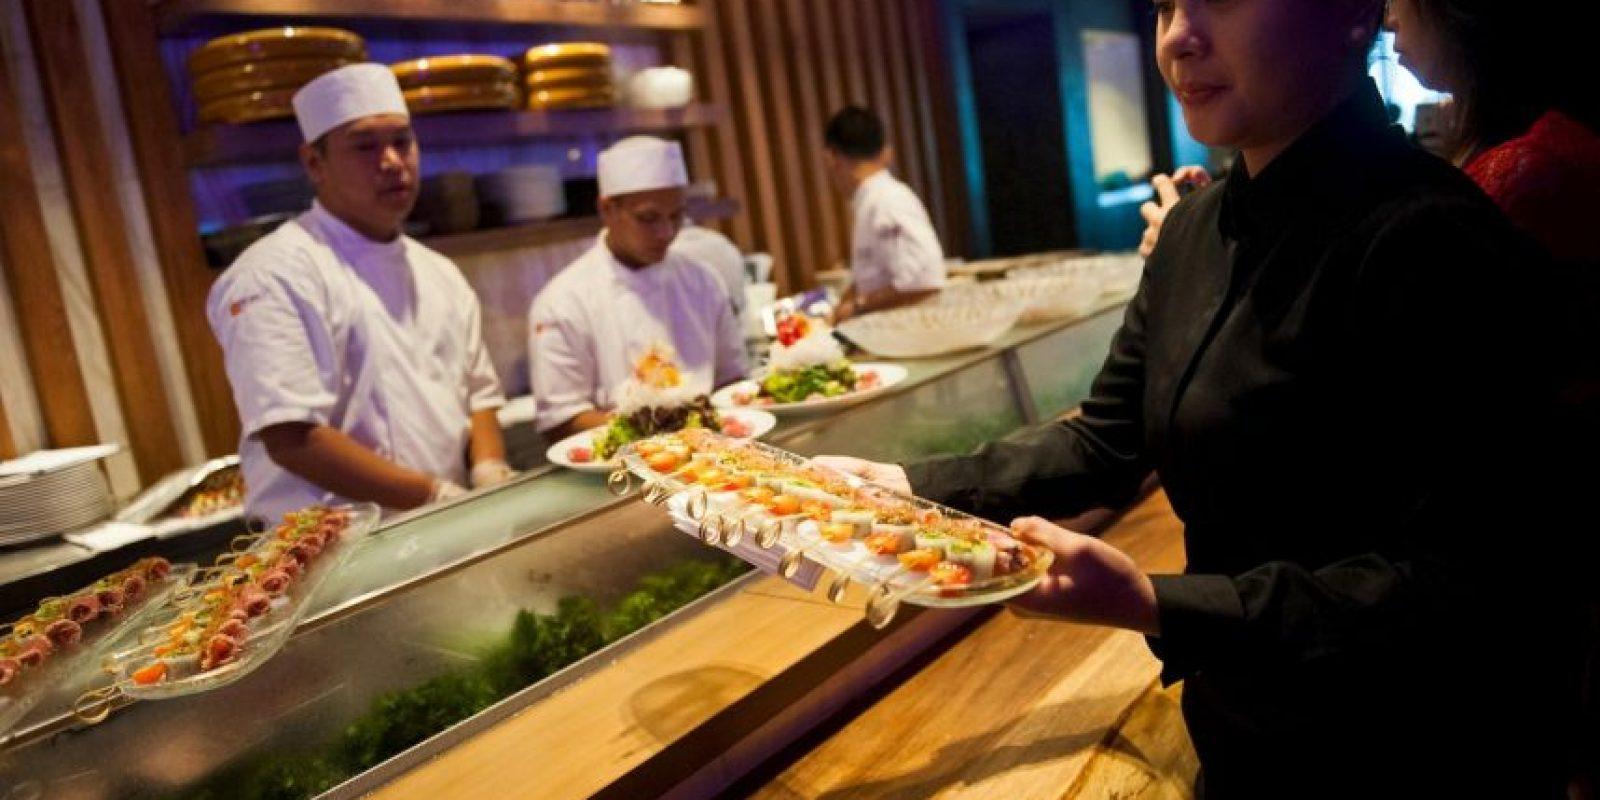 Los restaurantes japoneses crean nuevos platillos para atraer la atención de sus comensales . Foto:Getty Images